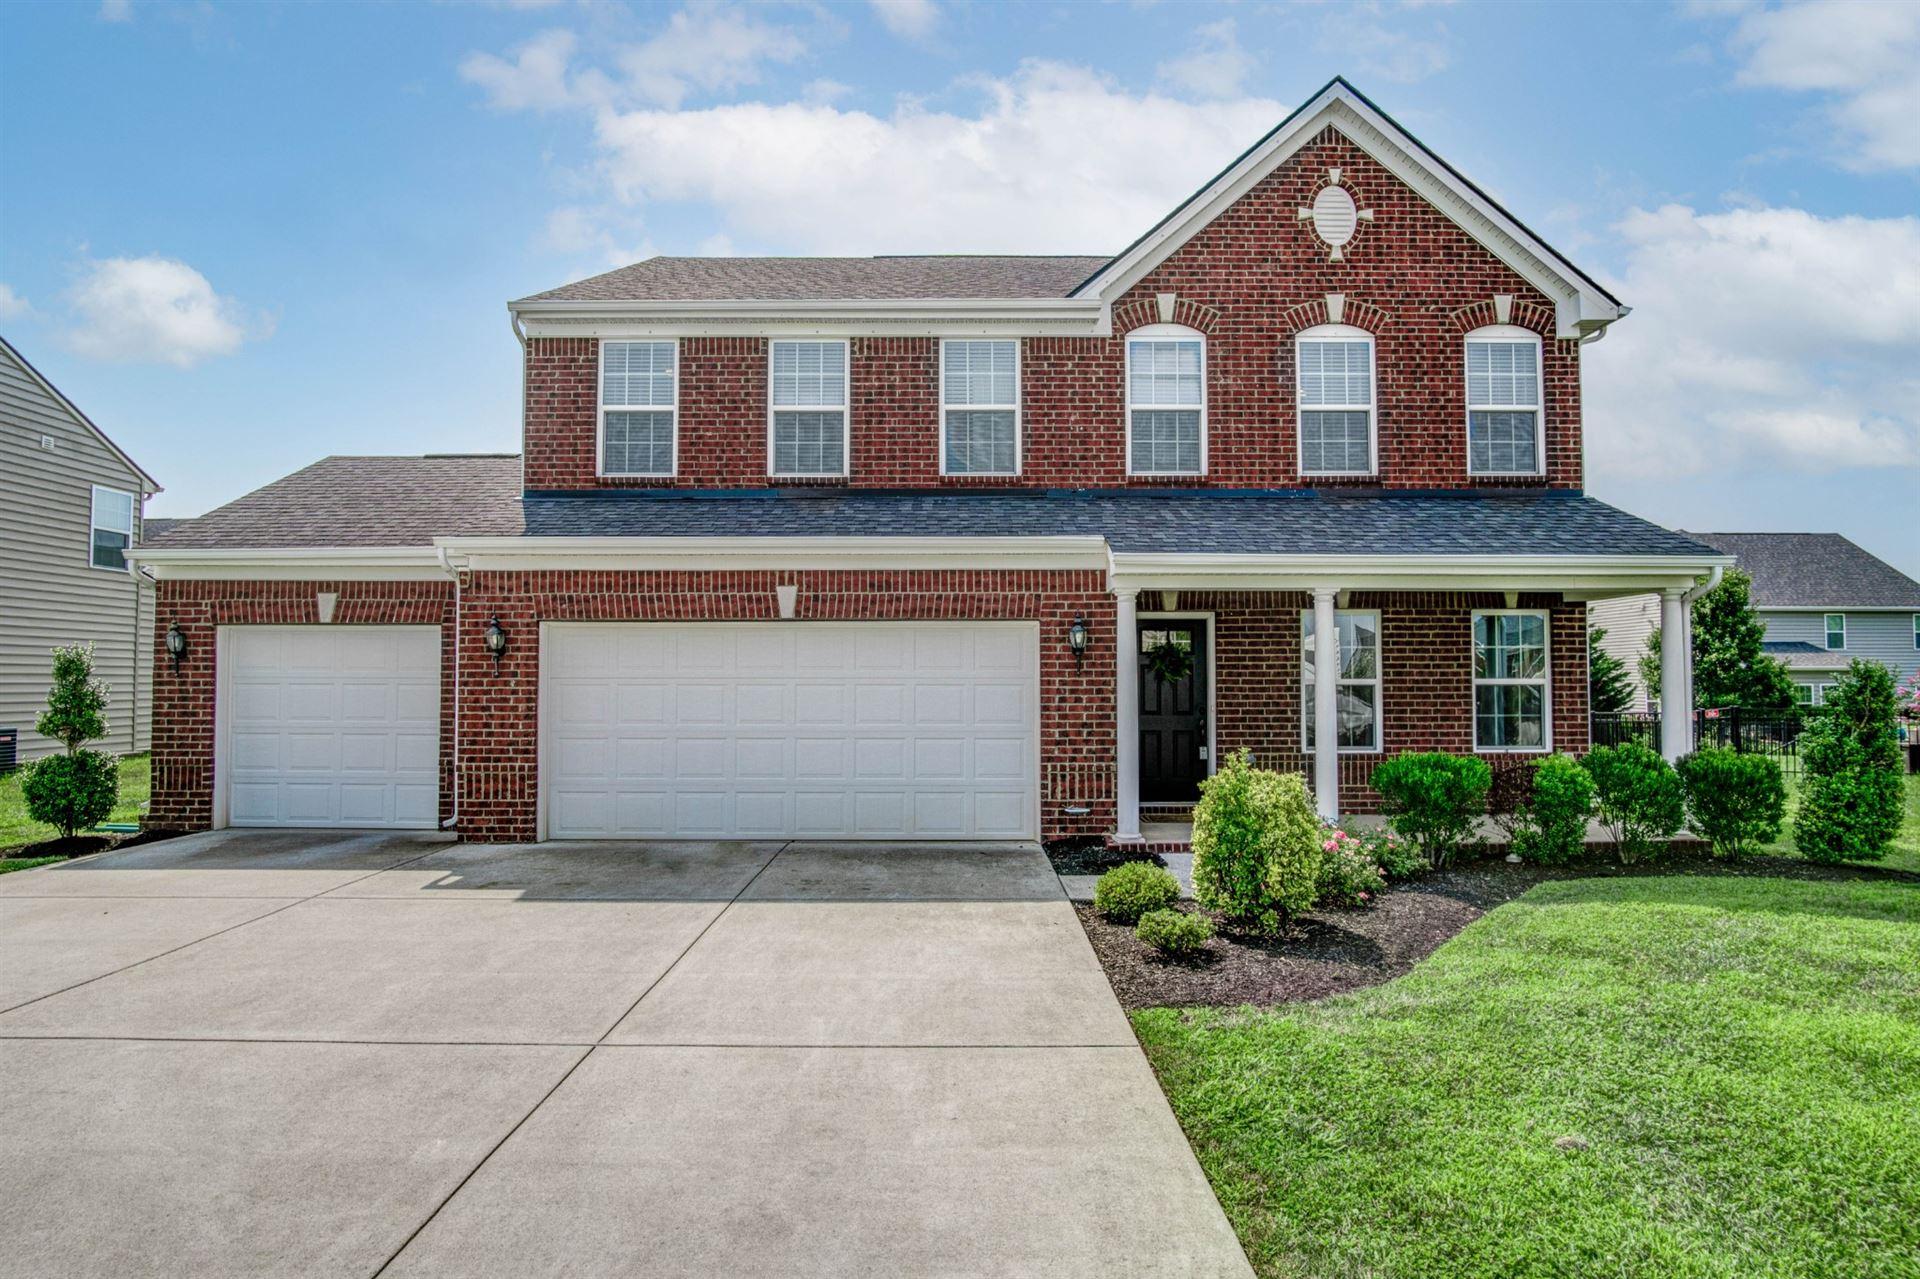 1326 Amboress Ln, Murfreesboro, TN 37128 - MLS#: 2273503